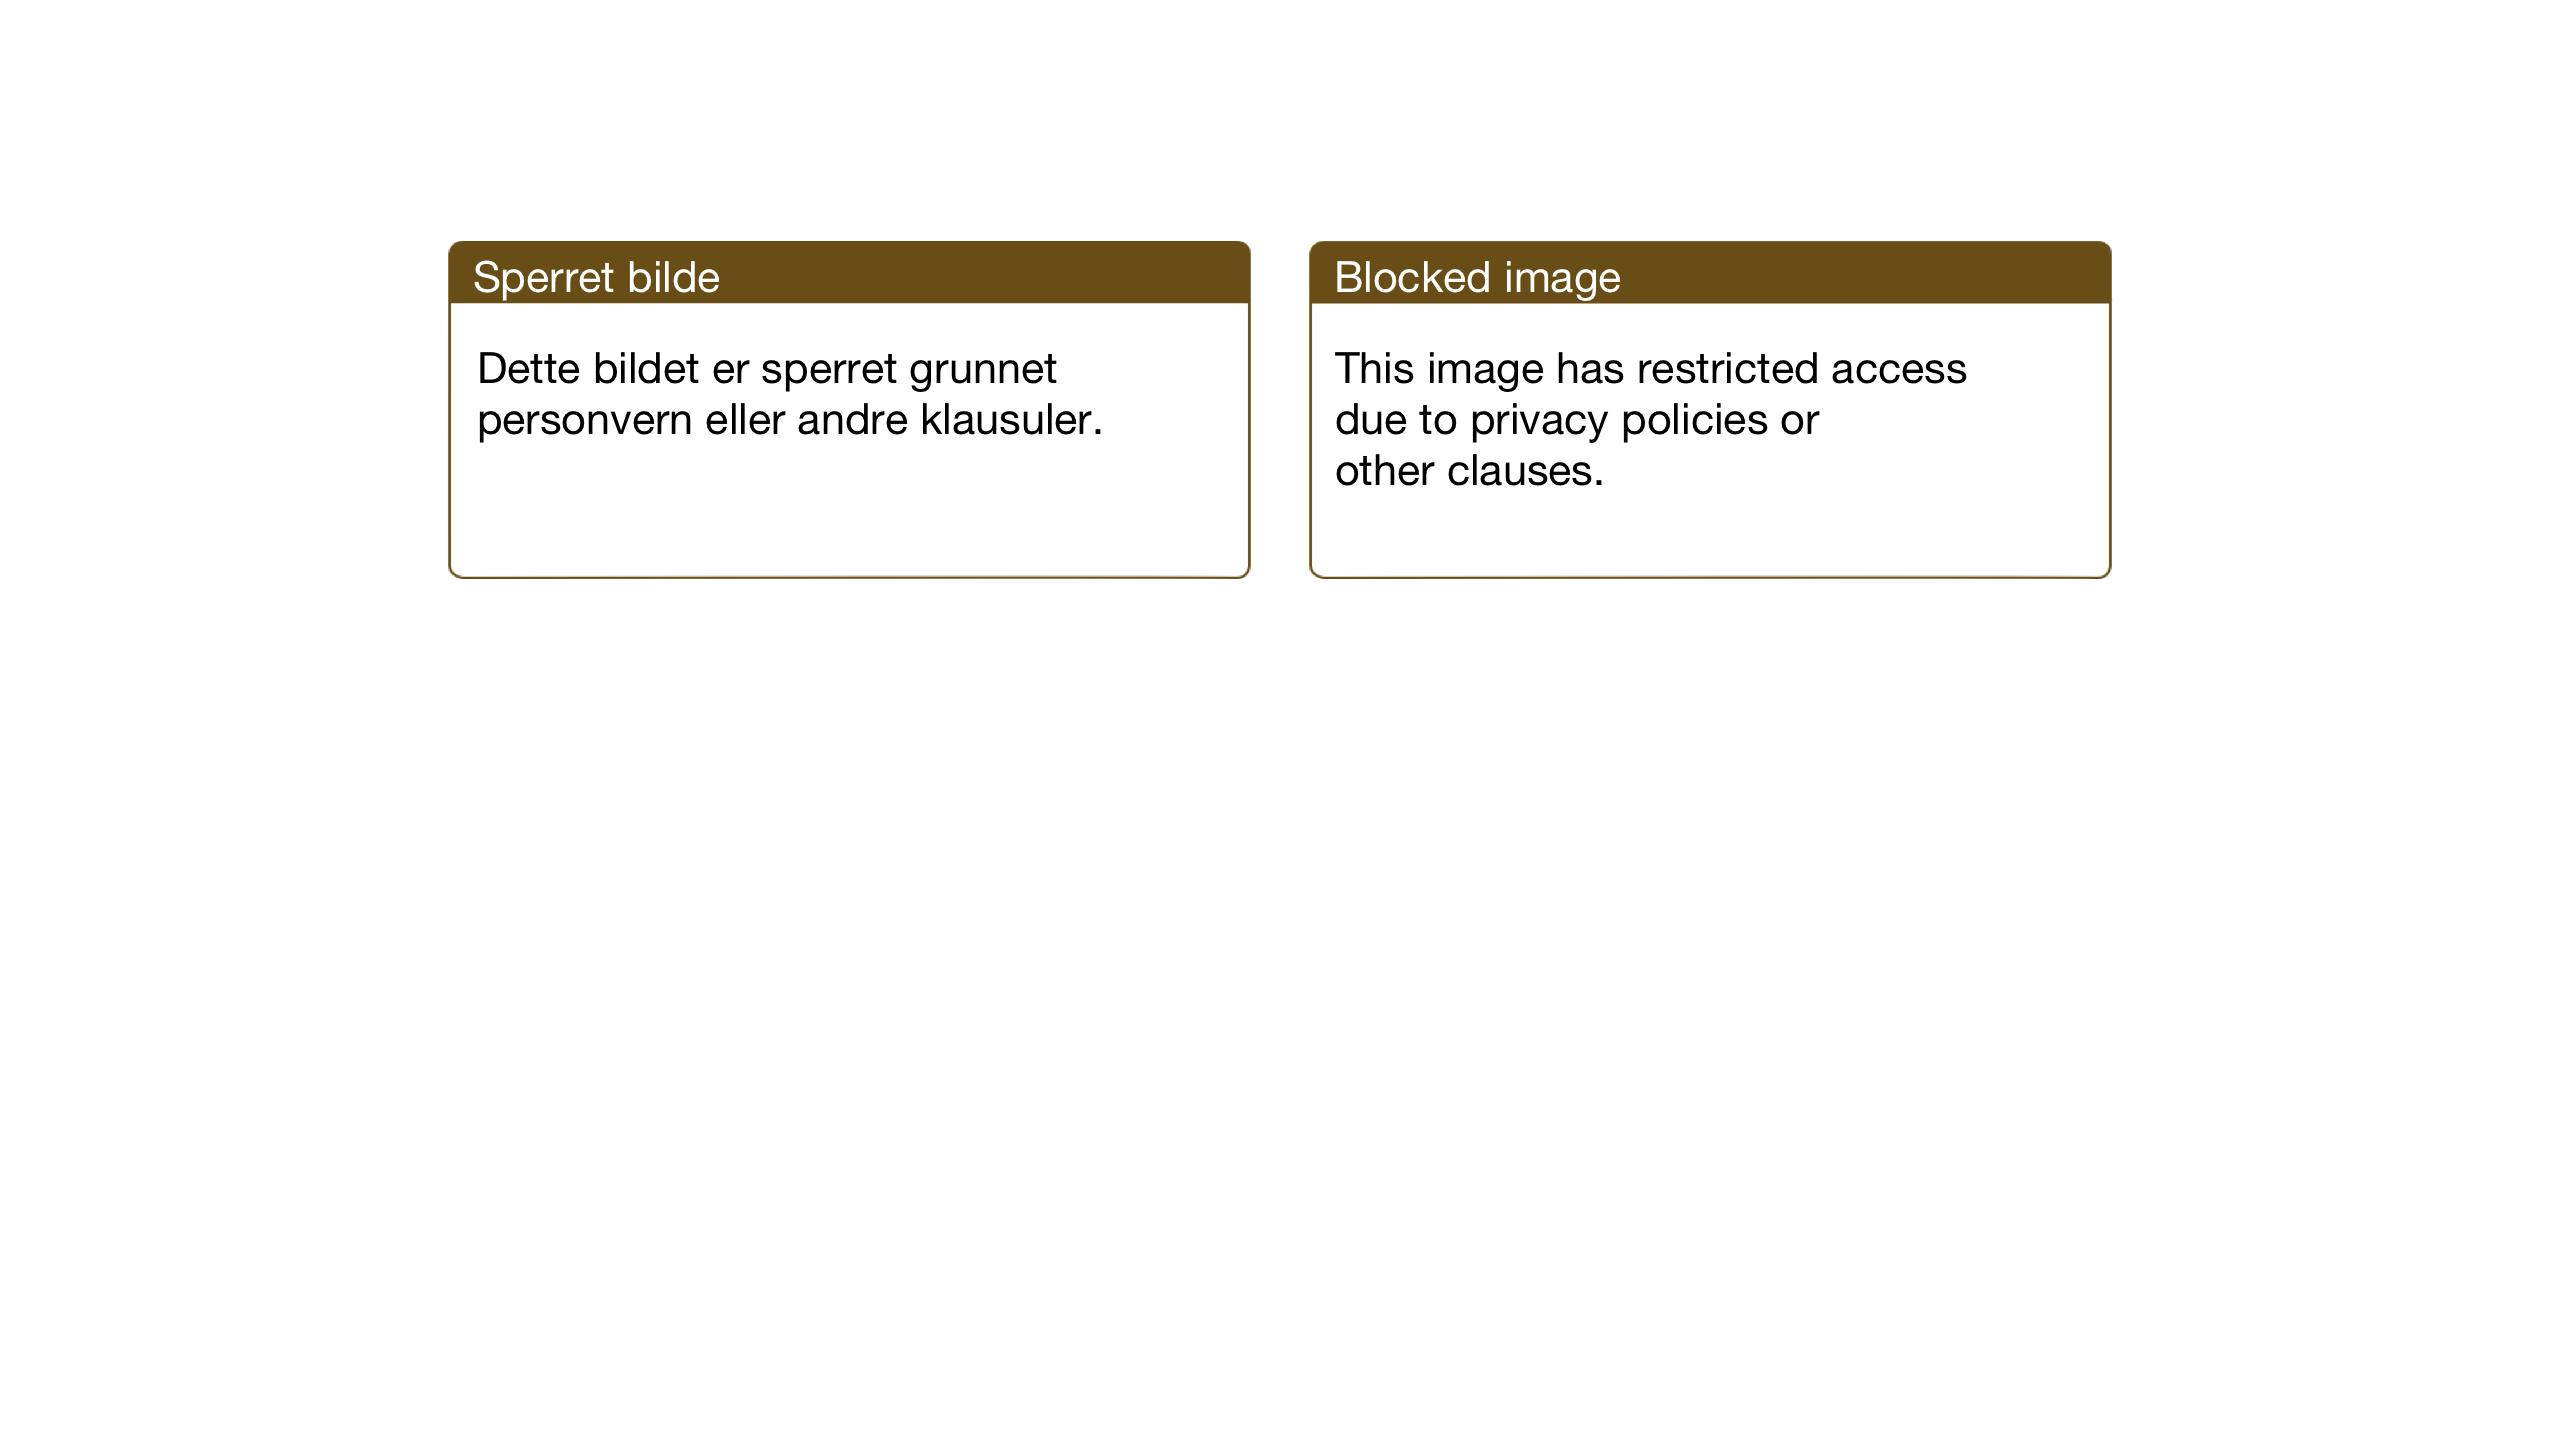 SAT, Ministerialprotokoller, klokkerbøker og fødselsregistre - Sør-Trøndelag, 694/L1134: Klokkerbok nr. 694C06, 1915-1937, s. 100